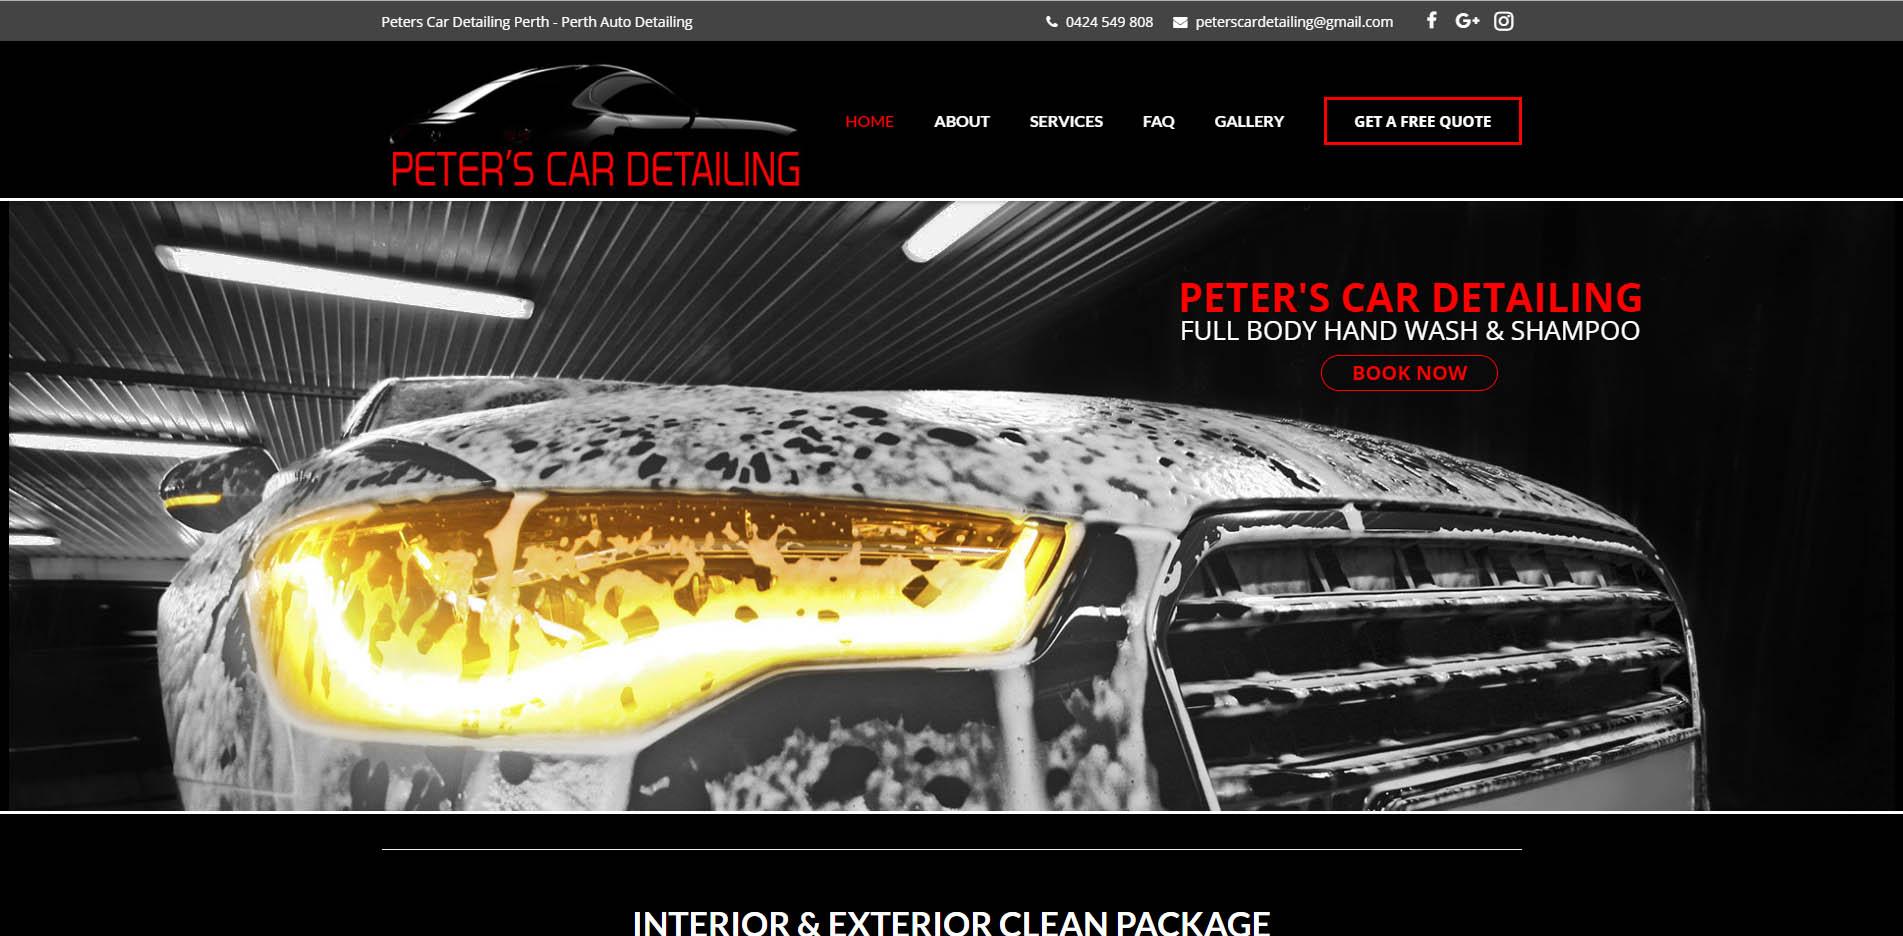 Peters Car Detailing